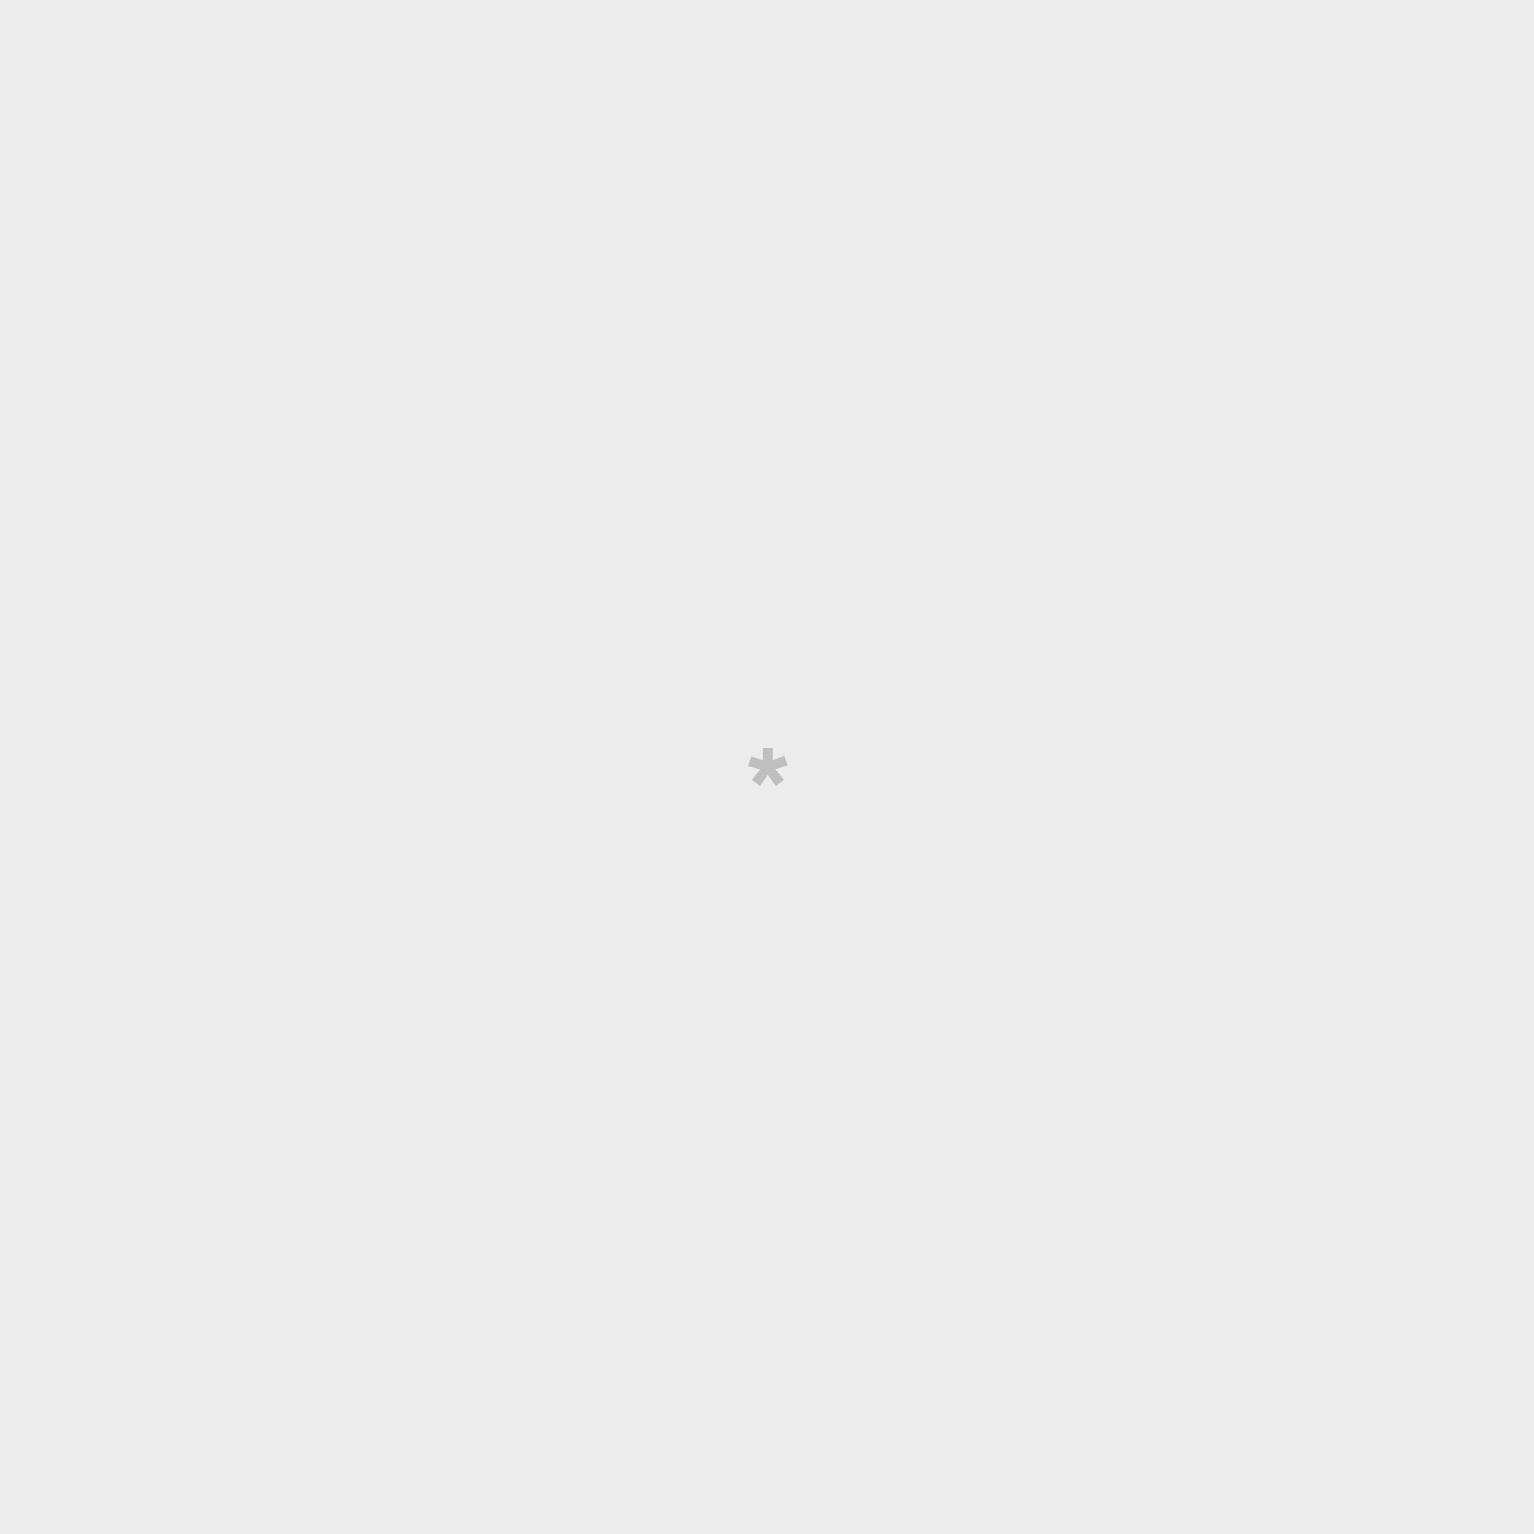 Quaderno con note adesive - Tutto ciò che non dimenticherò